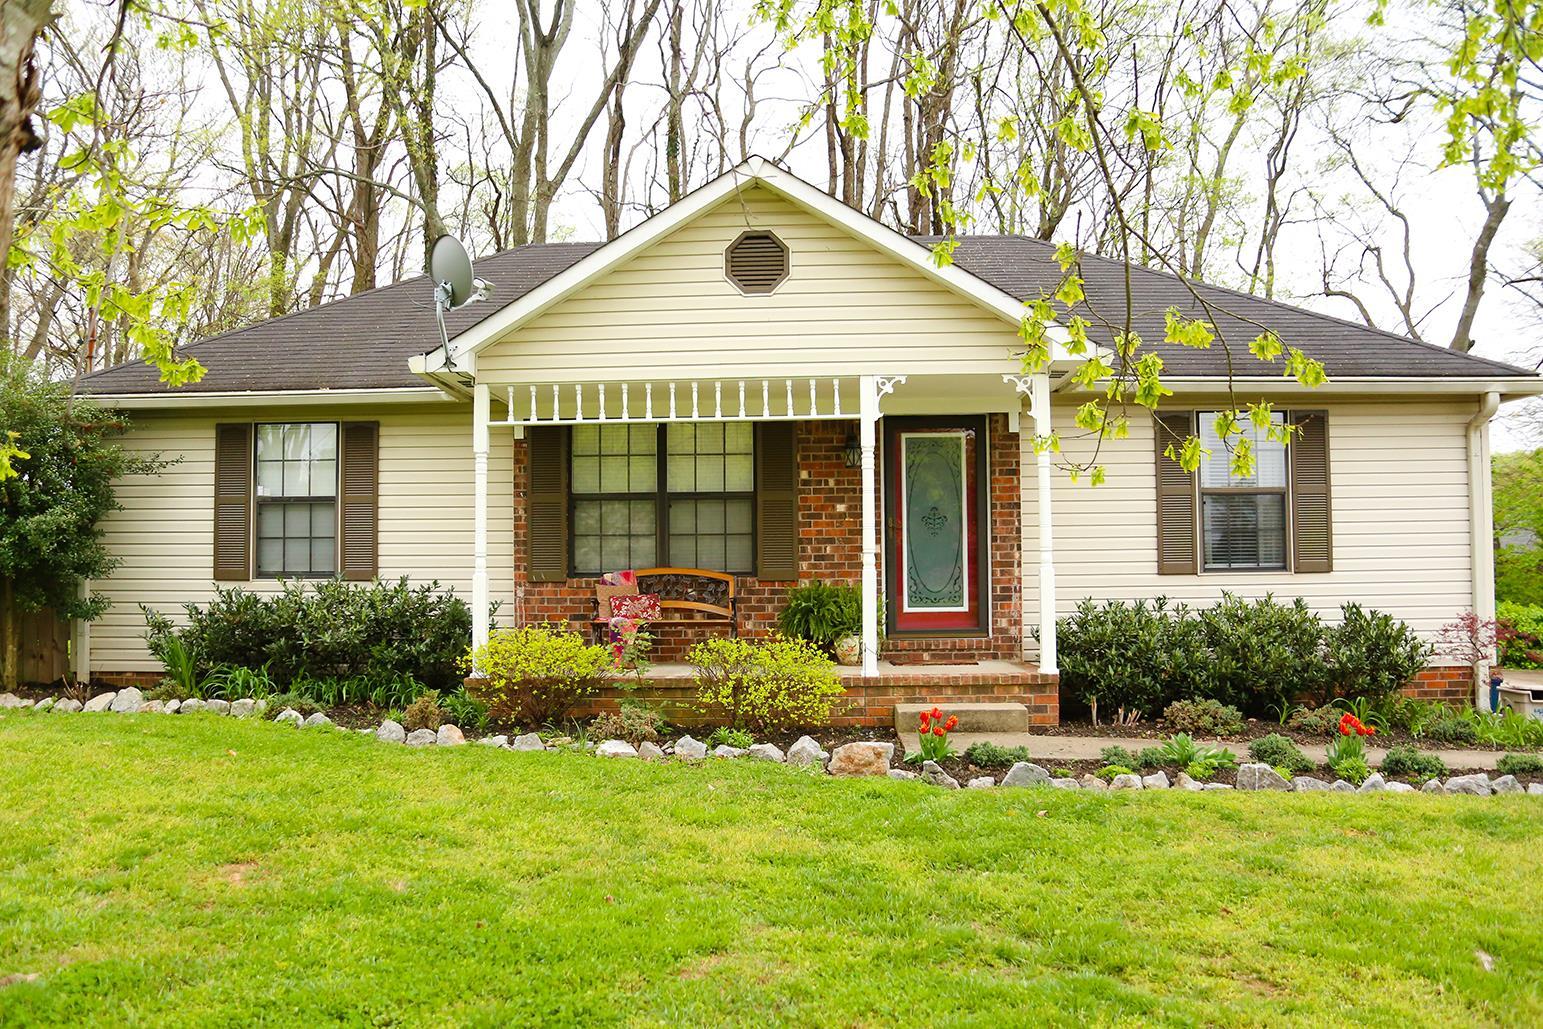 626 Glenwood Ave, Smyrna, TN